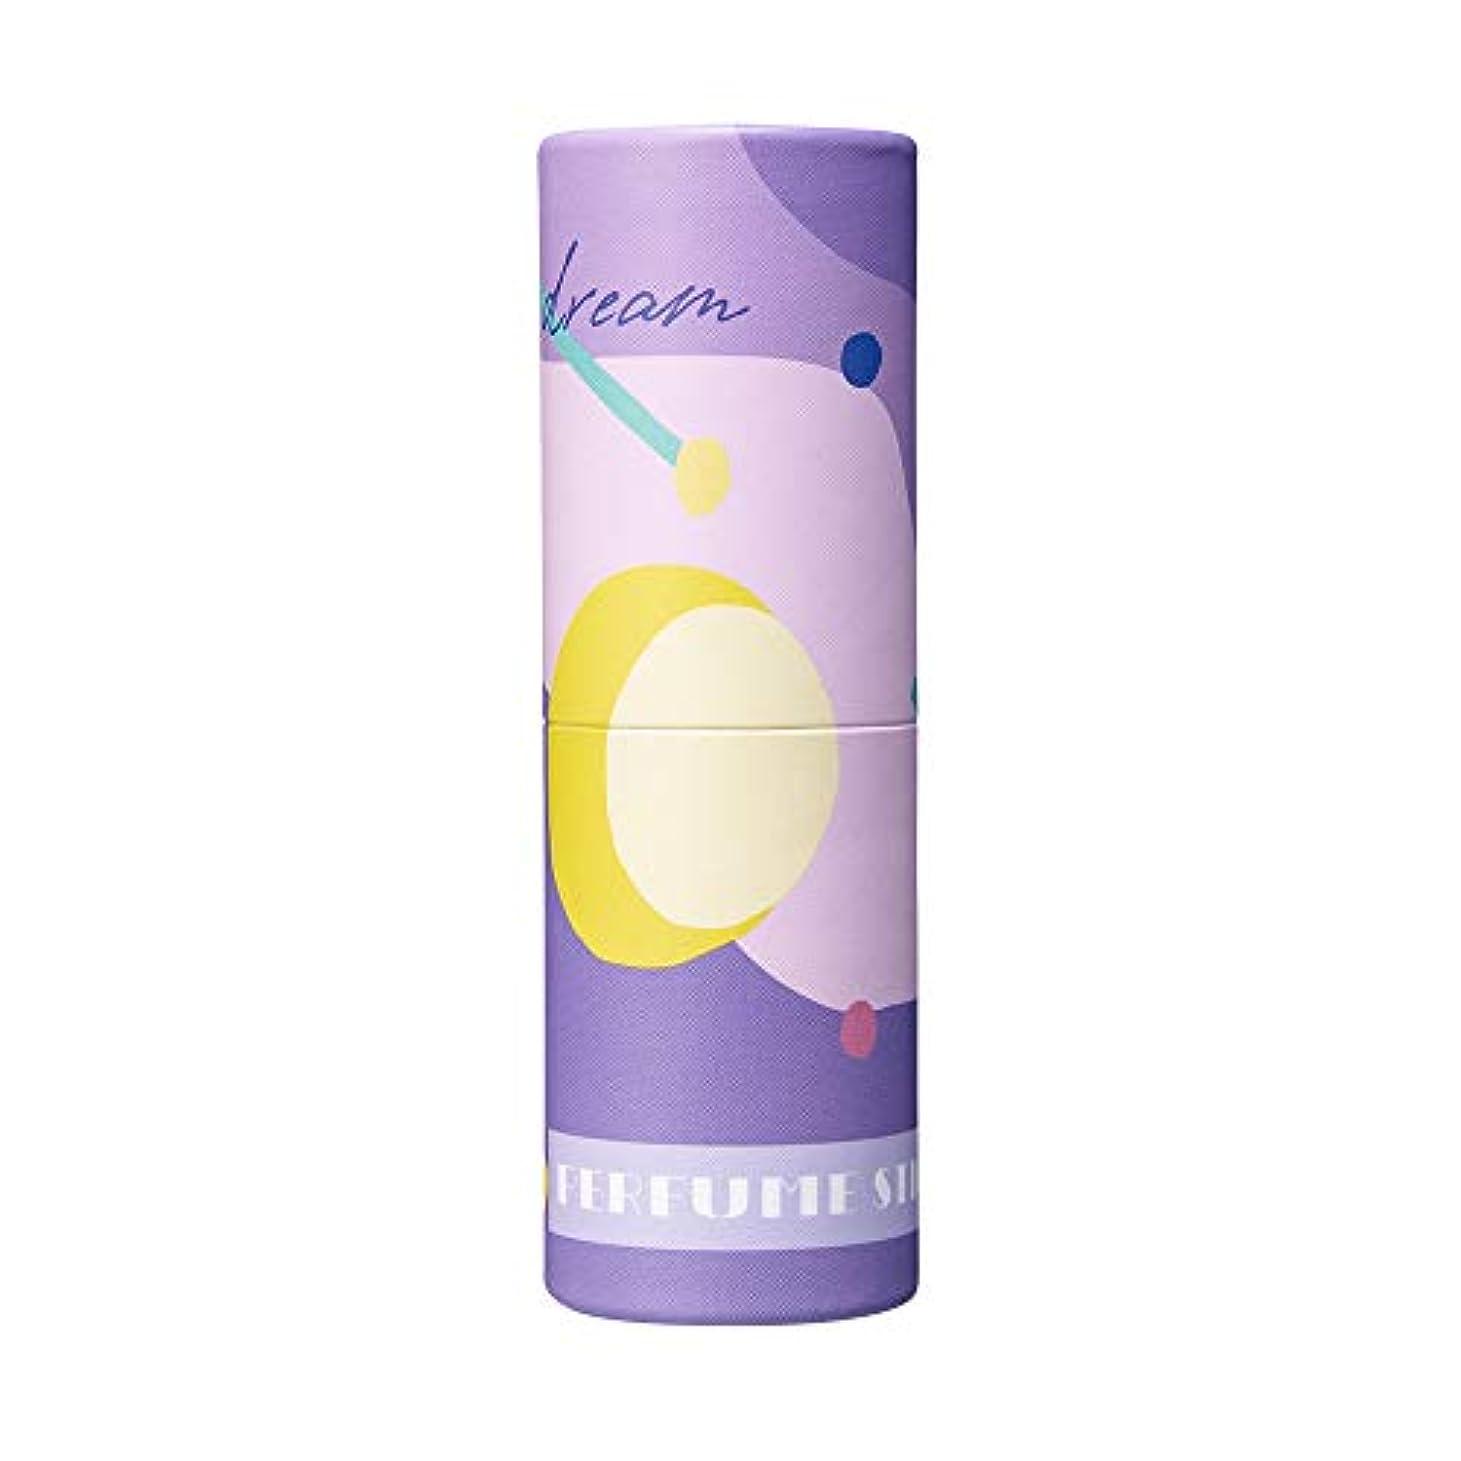 触手遅れ経度パフュームスティック ドリーム ペア&ピーチの香り オリジナルデザイン 5g